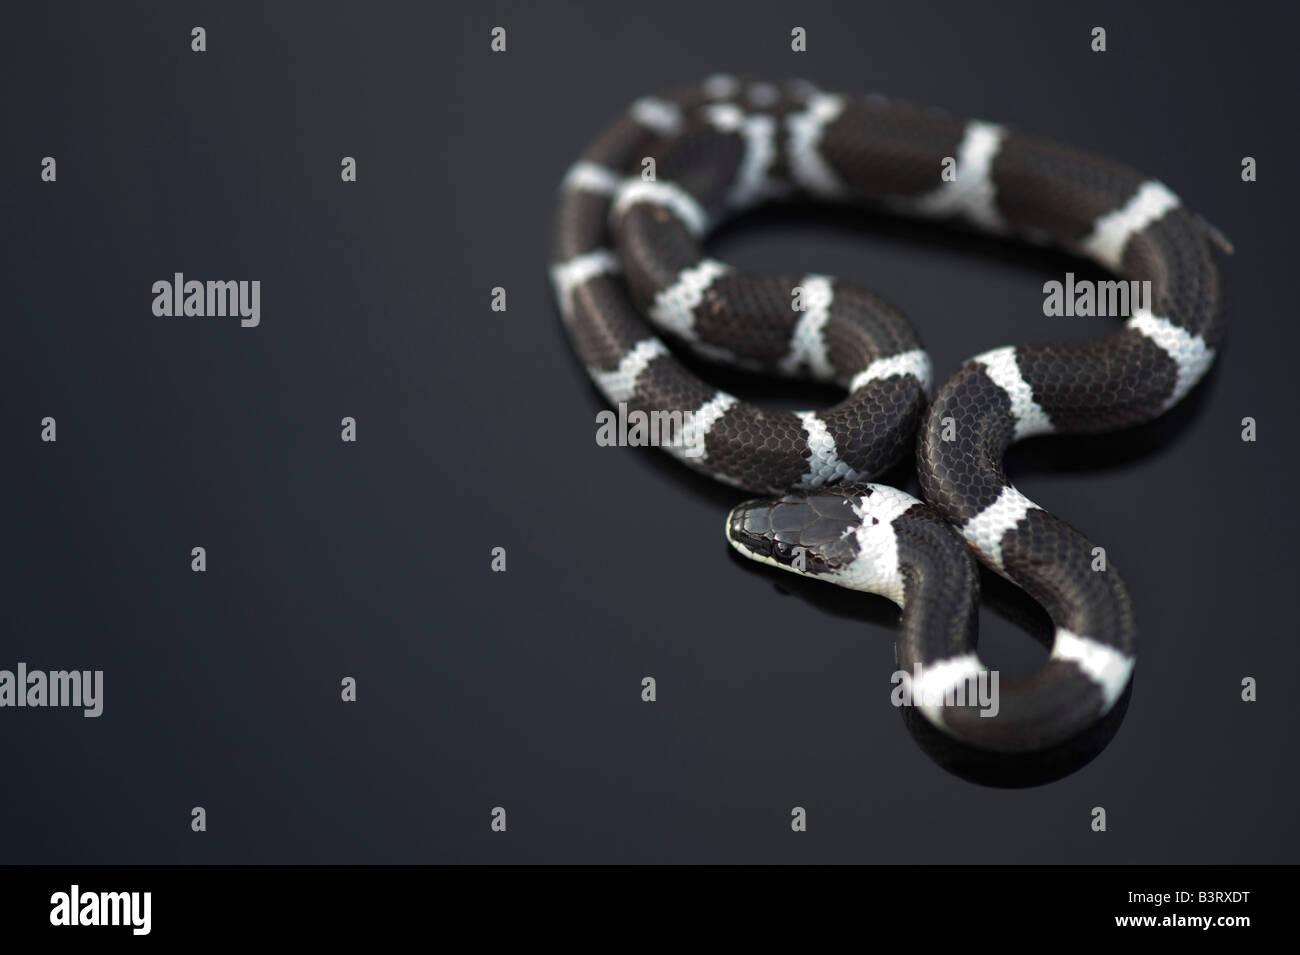 Lycodon septentrionalis. Lobo White-Banded juvenil serpiente sobre fondo oscuro Imagen De Stock